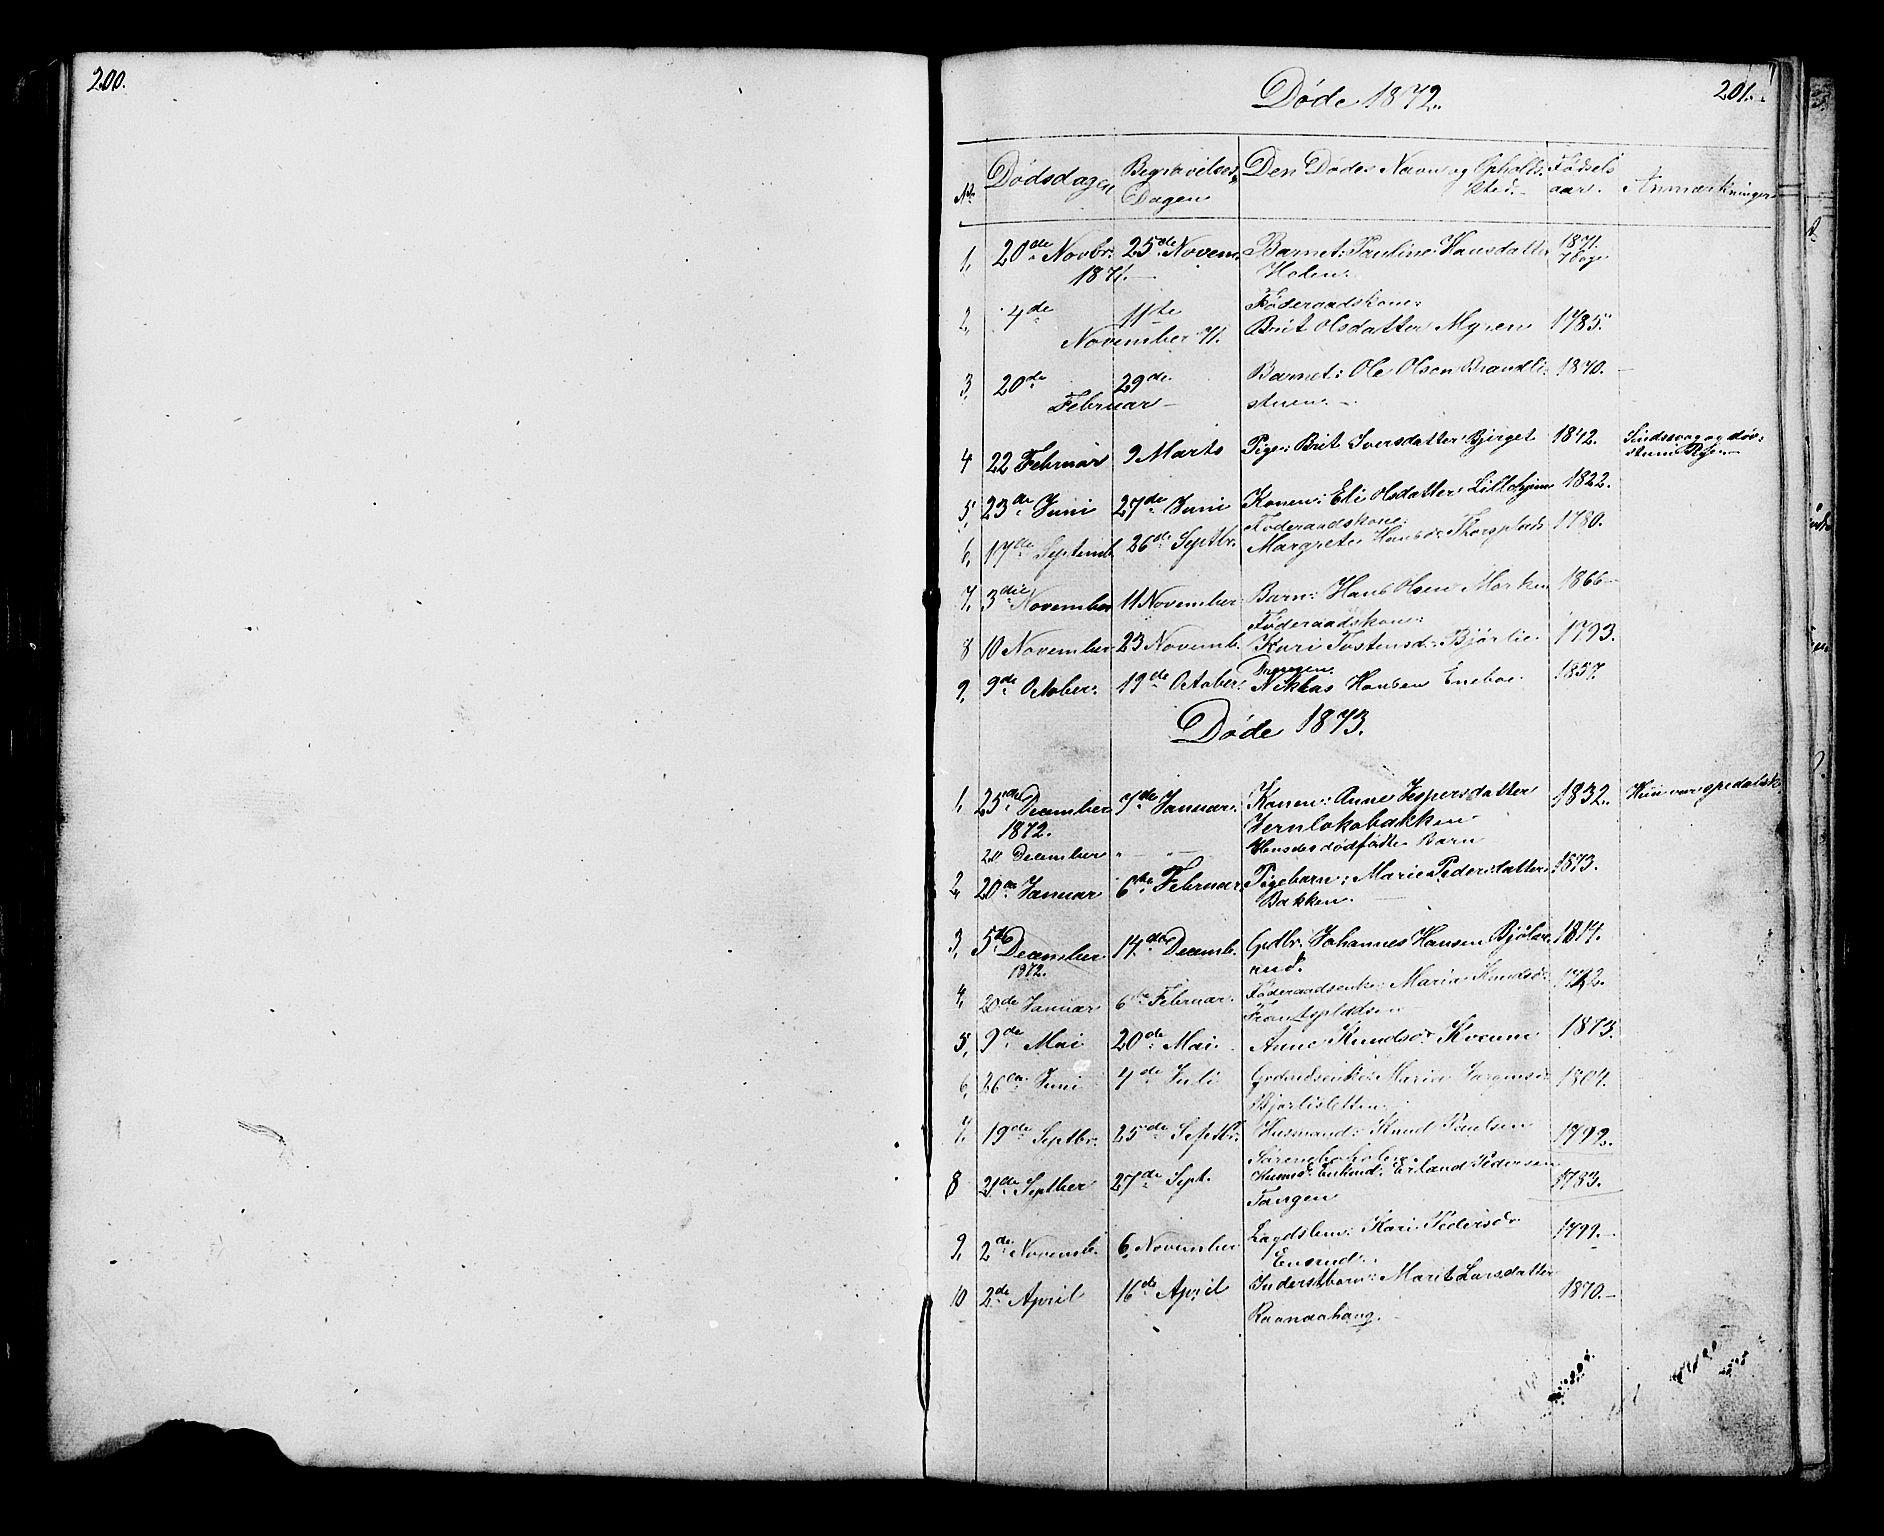 SAH, Lesja prestekontor, Parish register (copy) no. 6, 1871-1904, p. 200-201